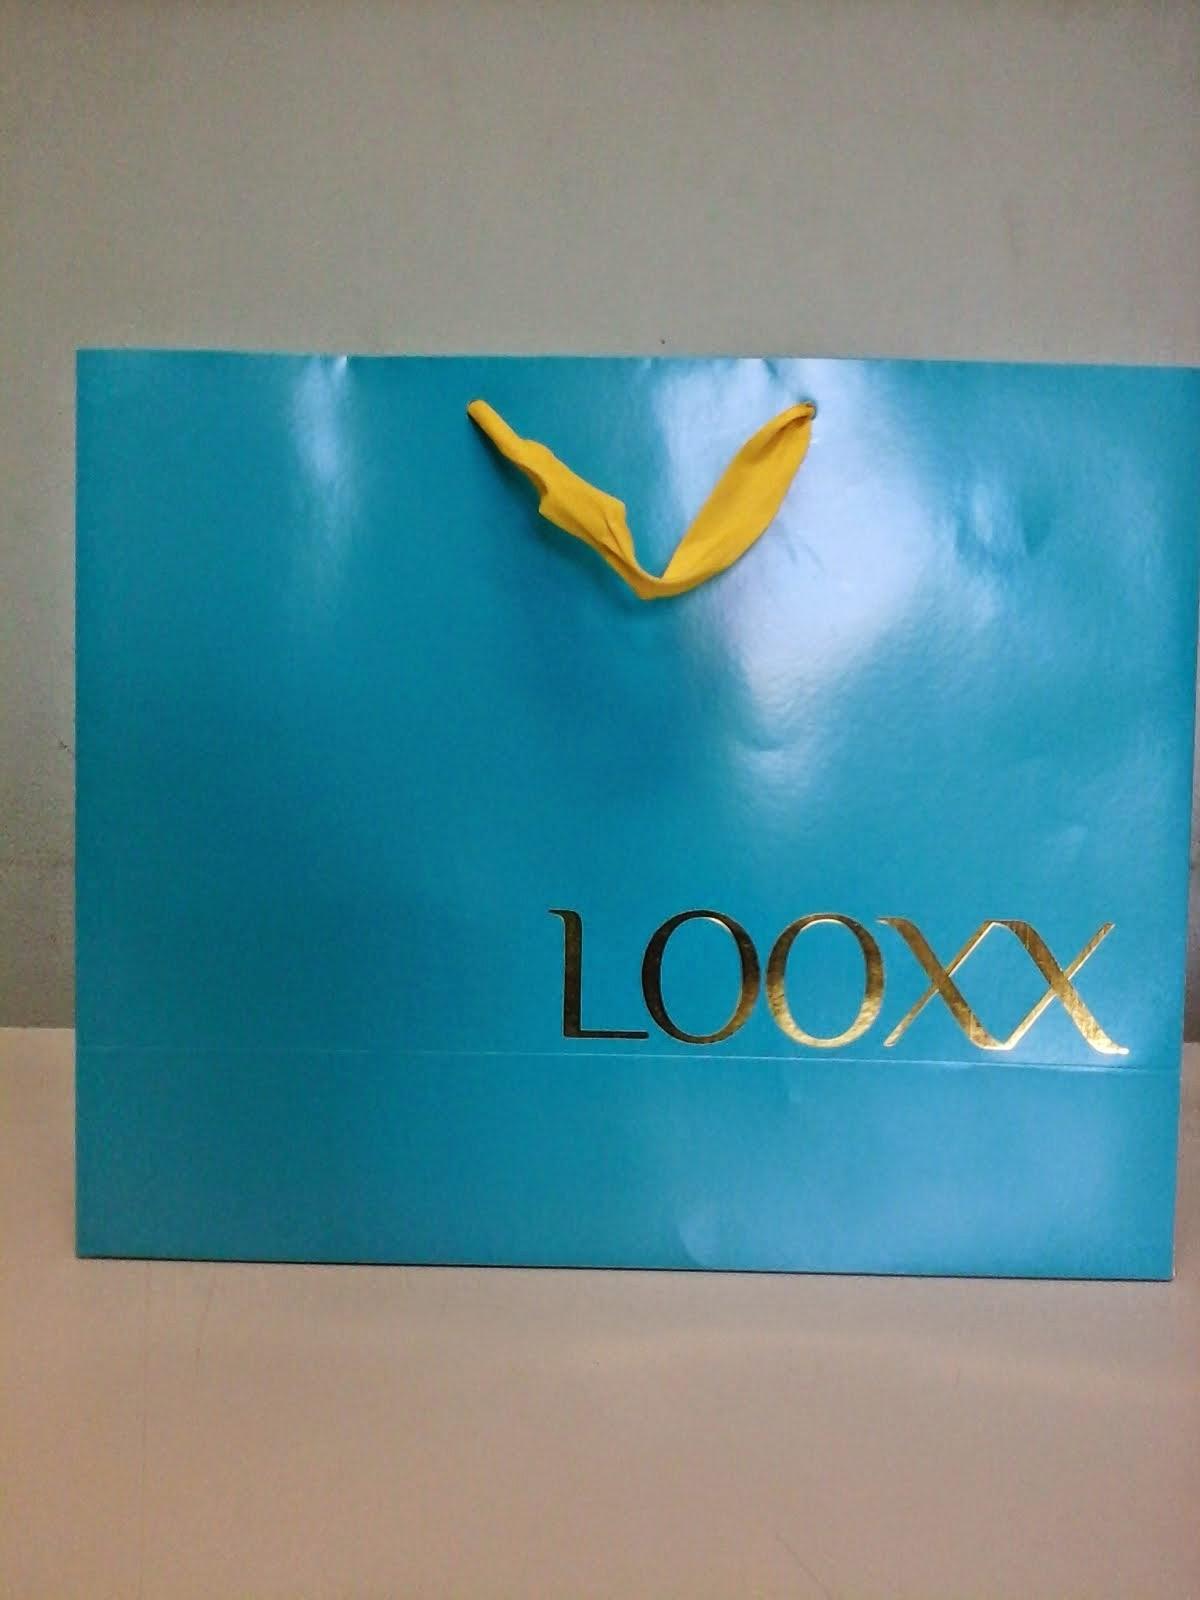 LOOXX